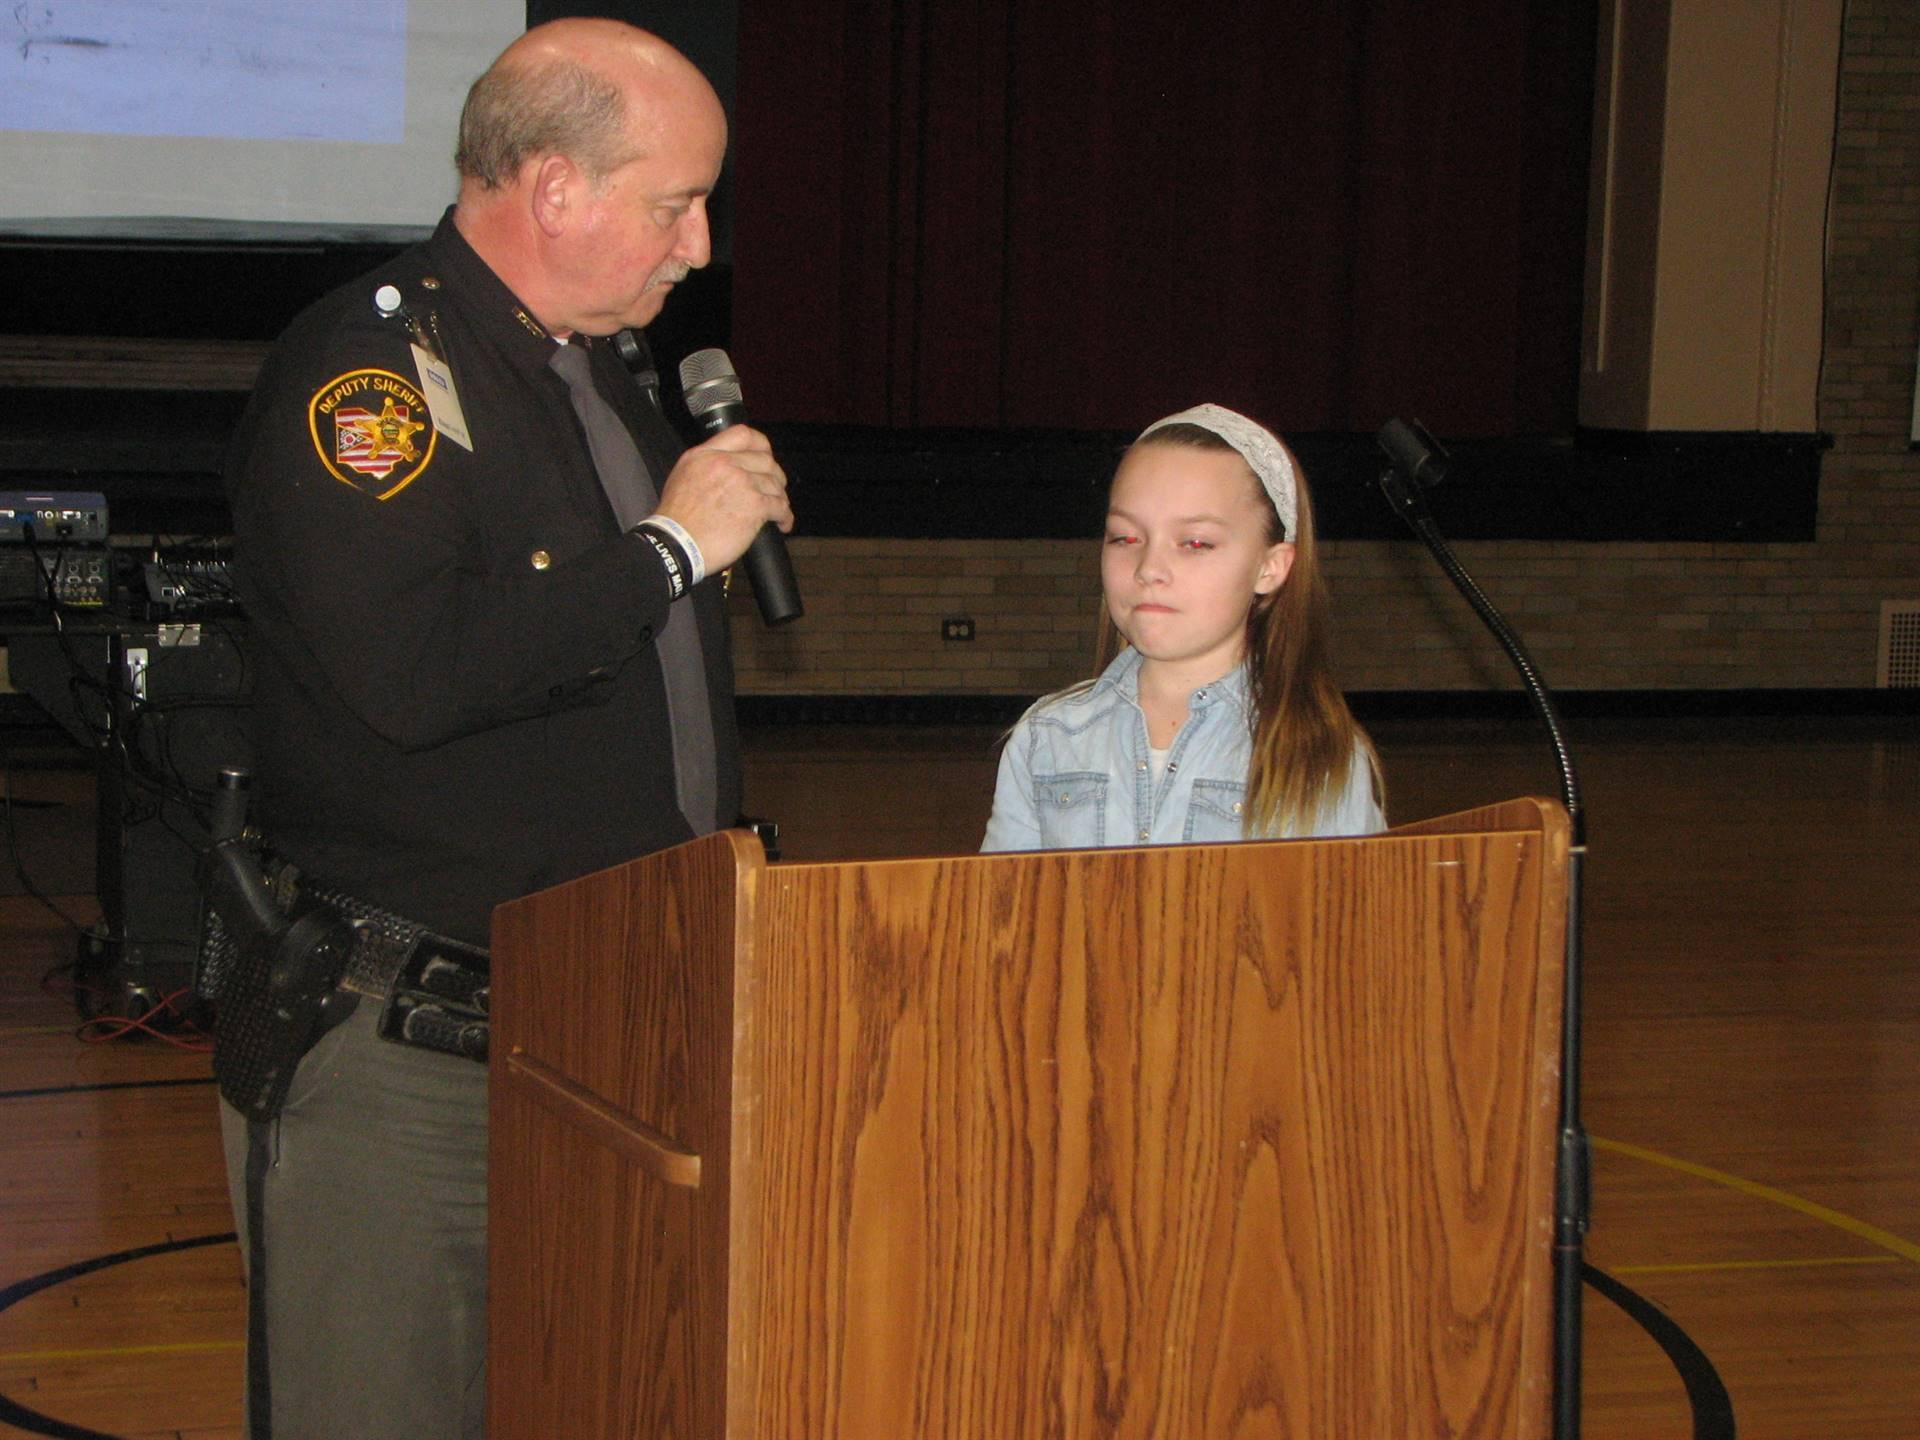 Gia Biondo and Deputy Lundstrom